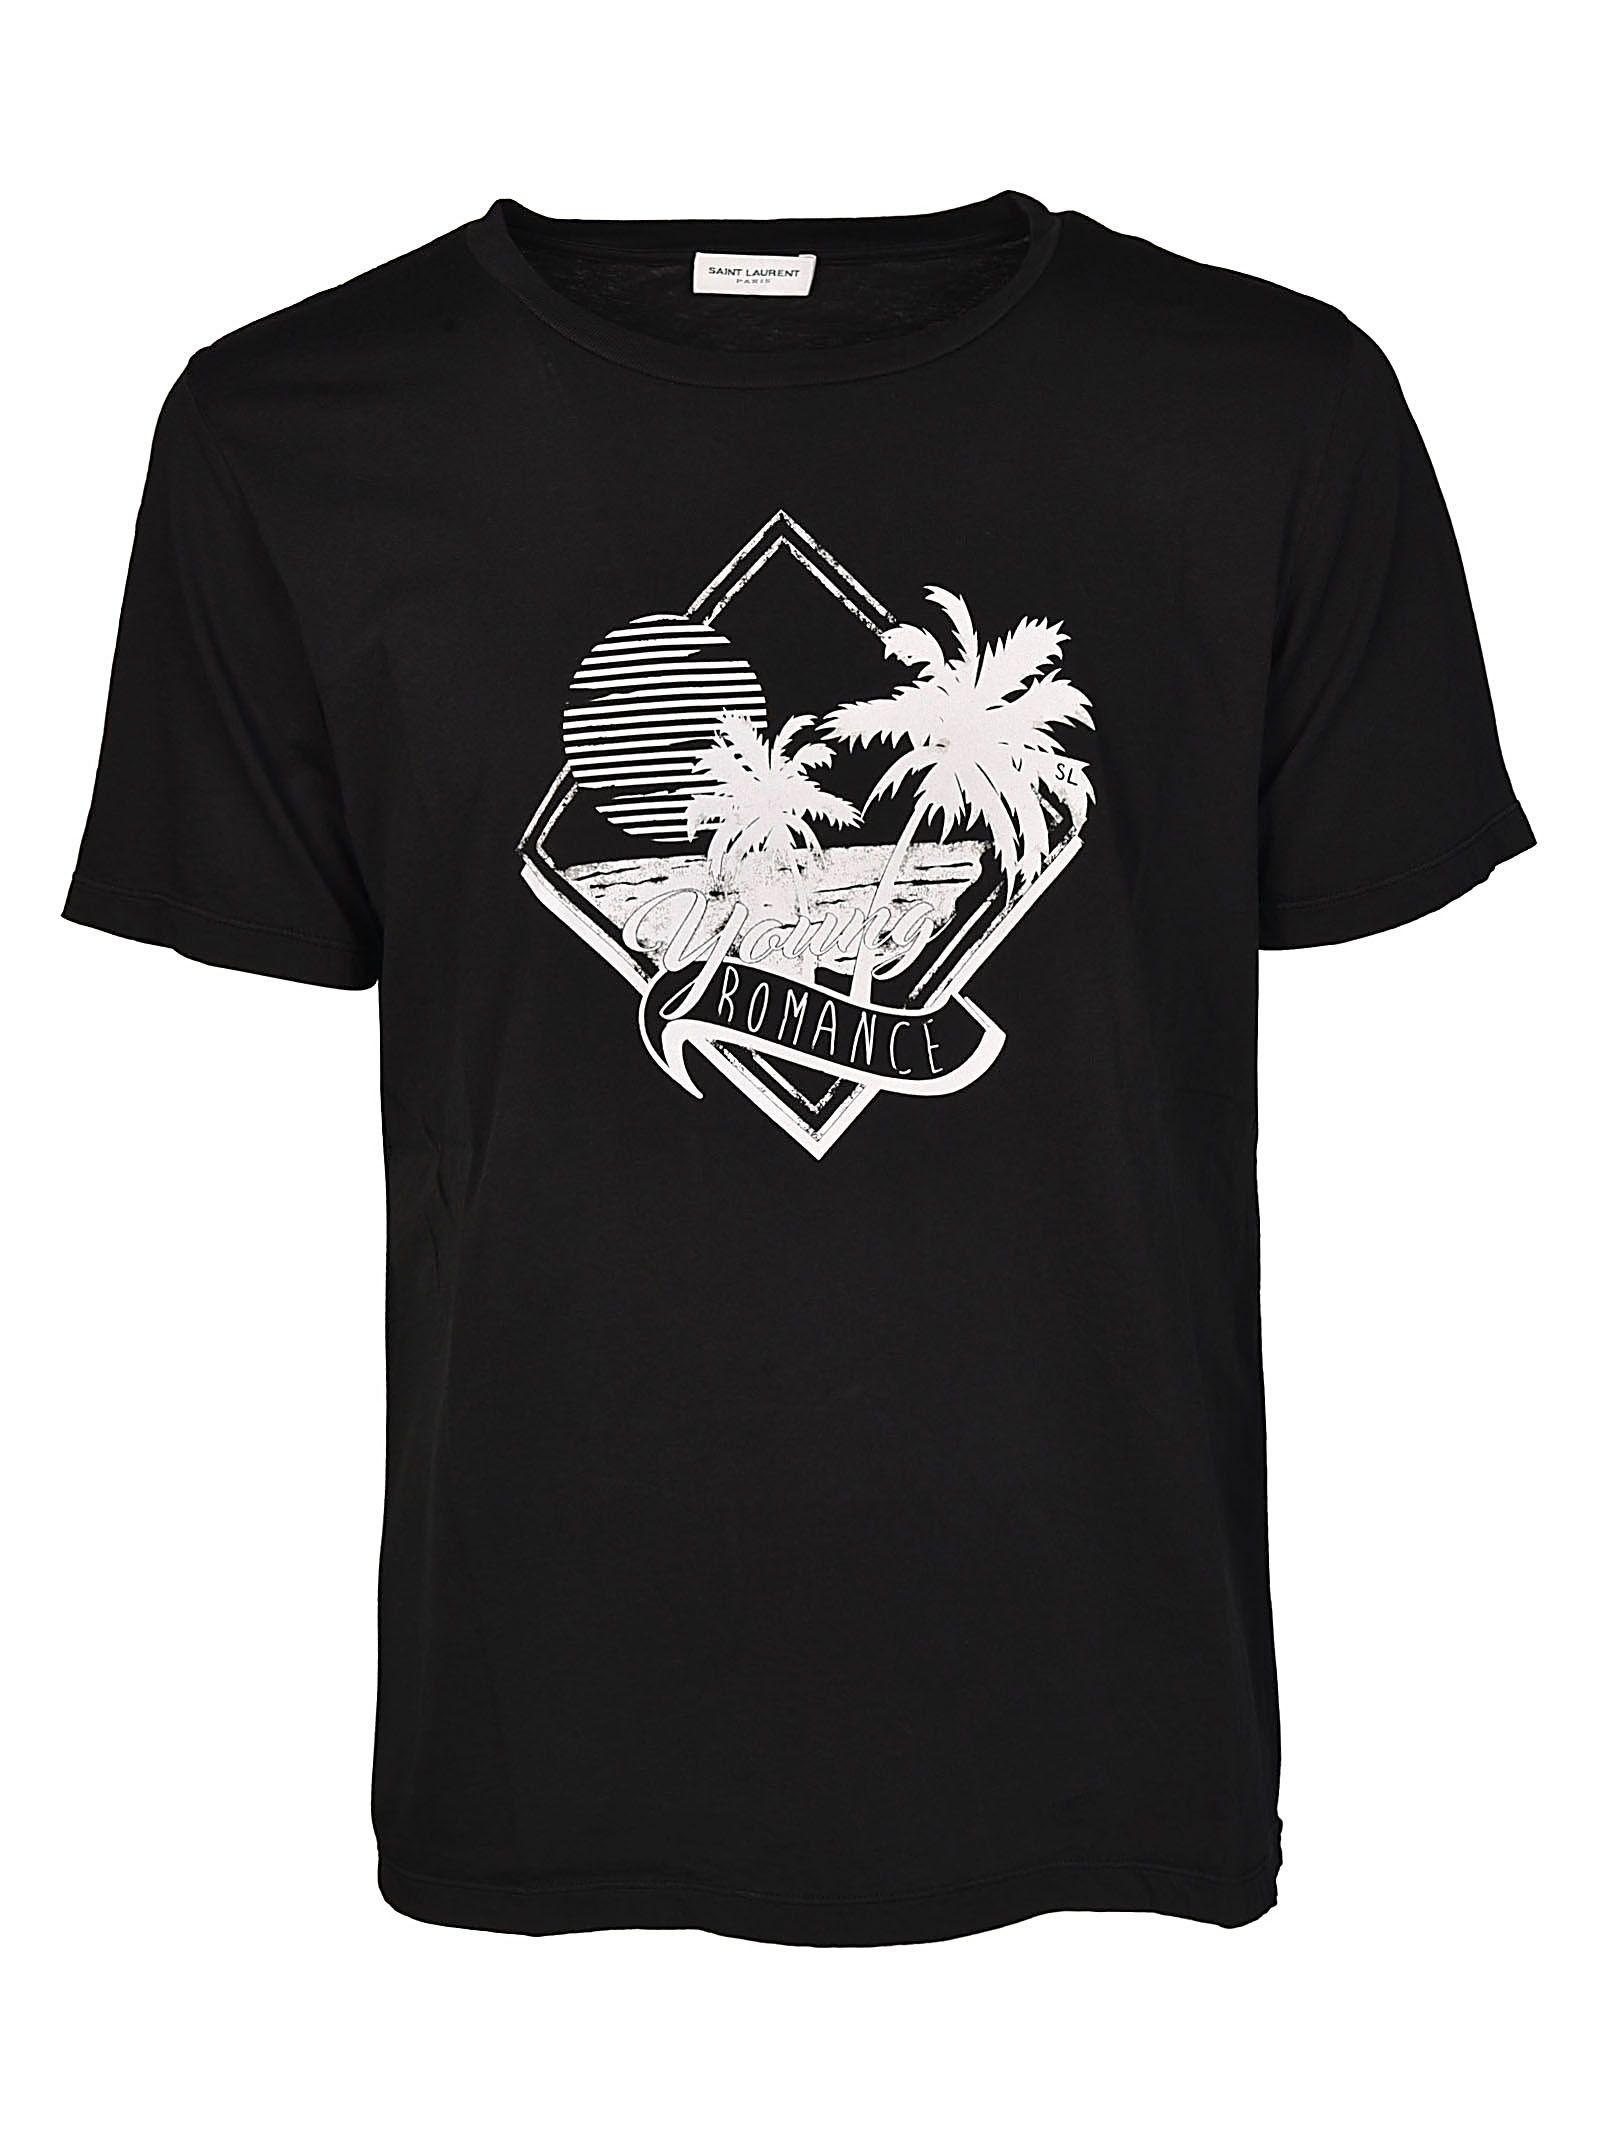 Saint Laurent Romance T-shirt